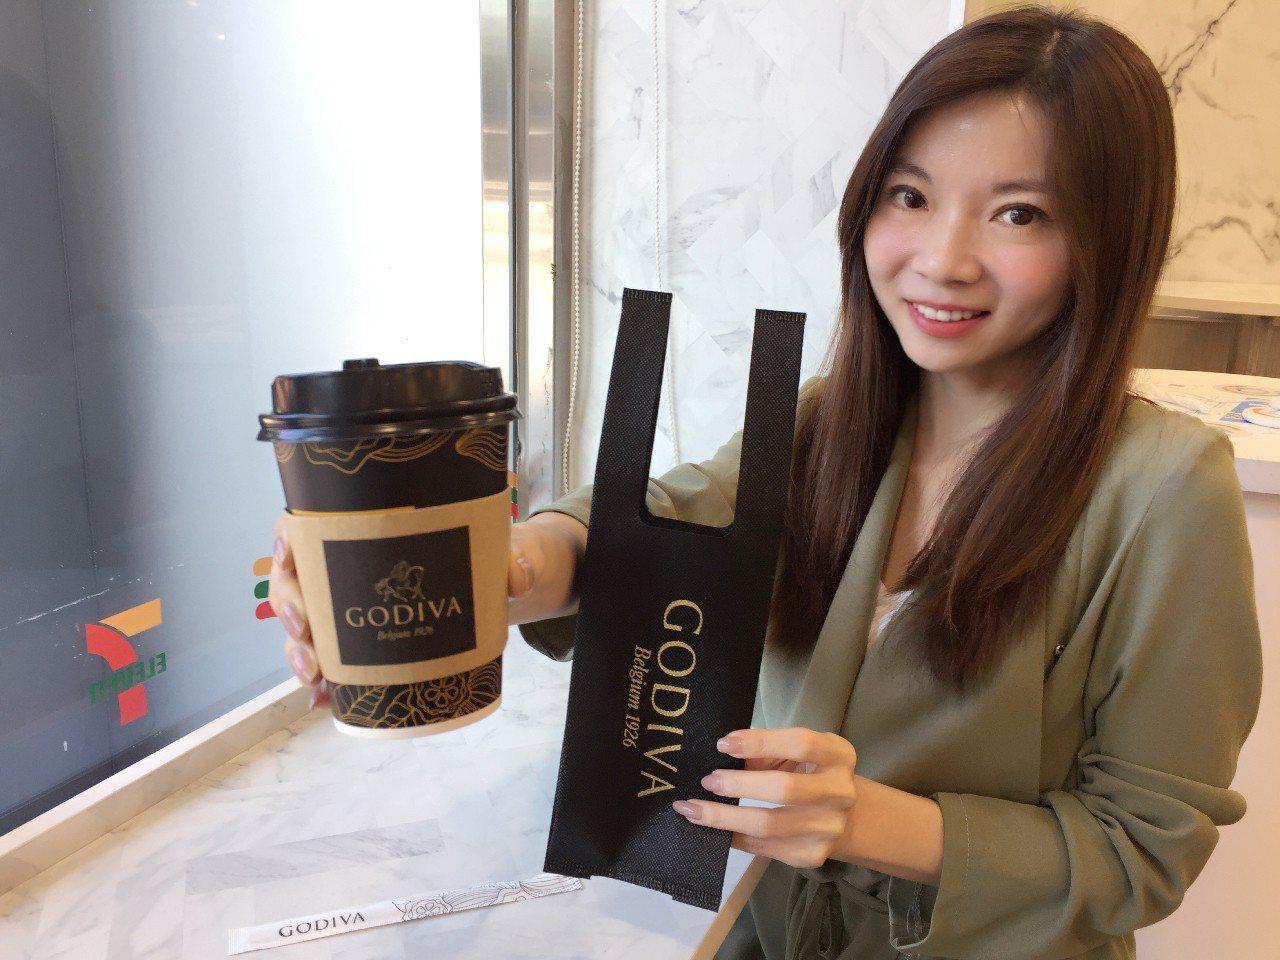 GODIVA今年為醇黑熱巧克力特製織布環保袋。7-ELEVEN/提供